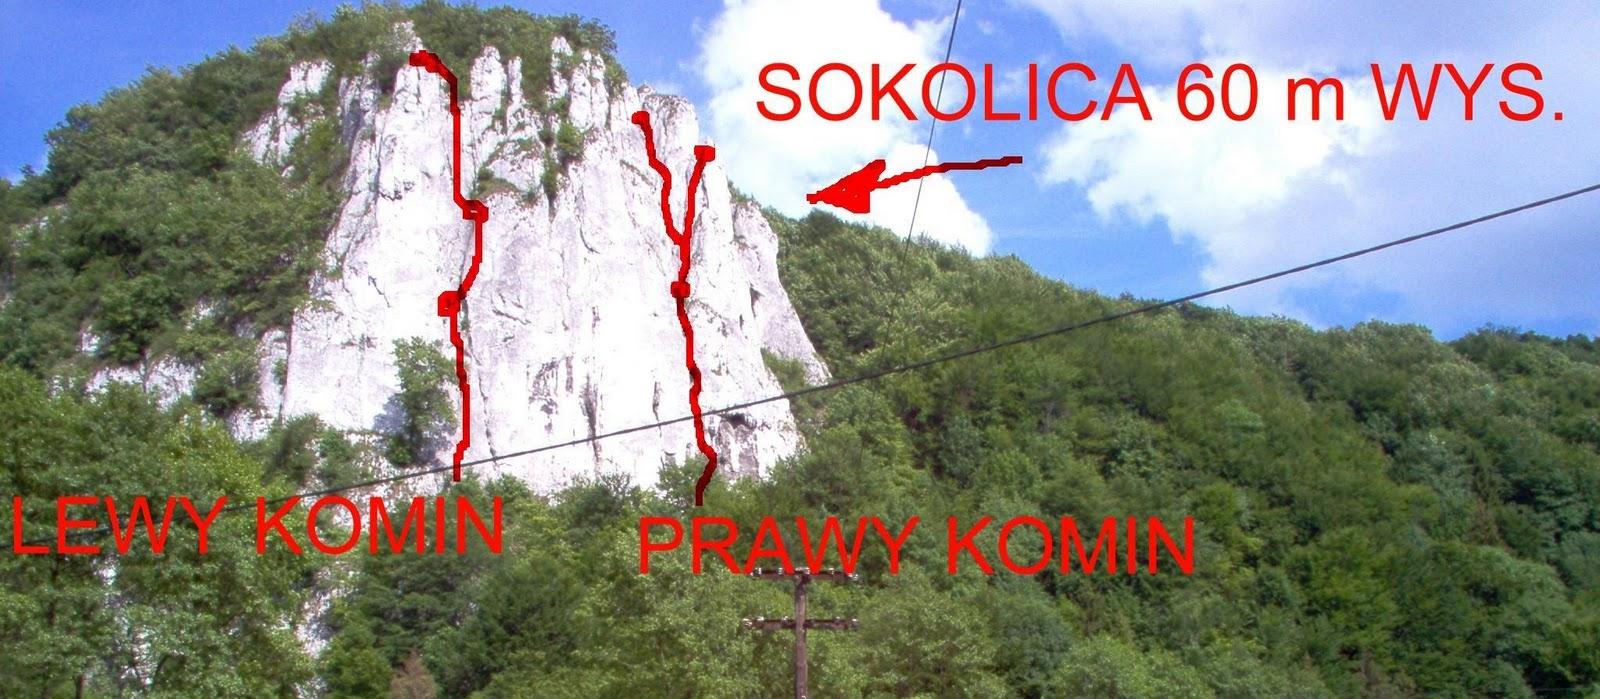 Rejony wspinaczkowe z cukrzyc sokolica b dkowice for Ta 2s 0138